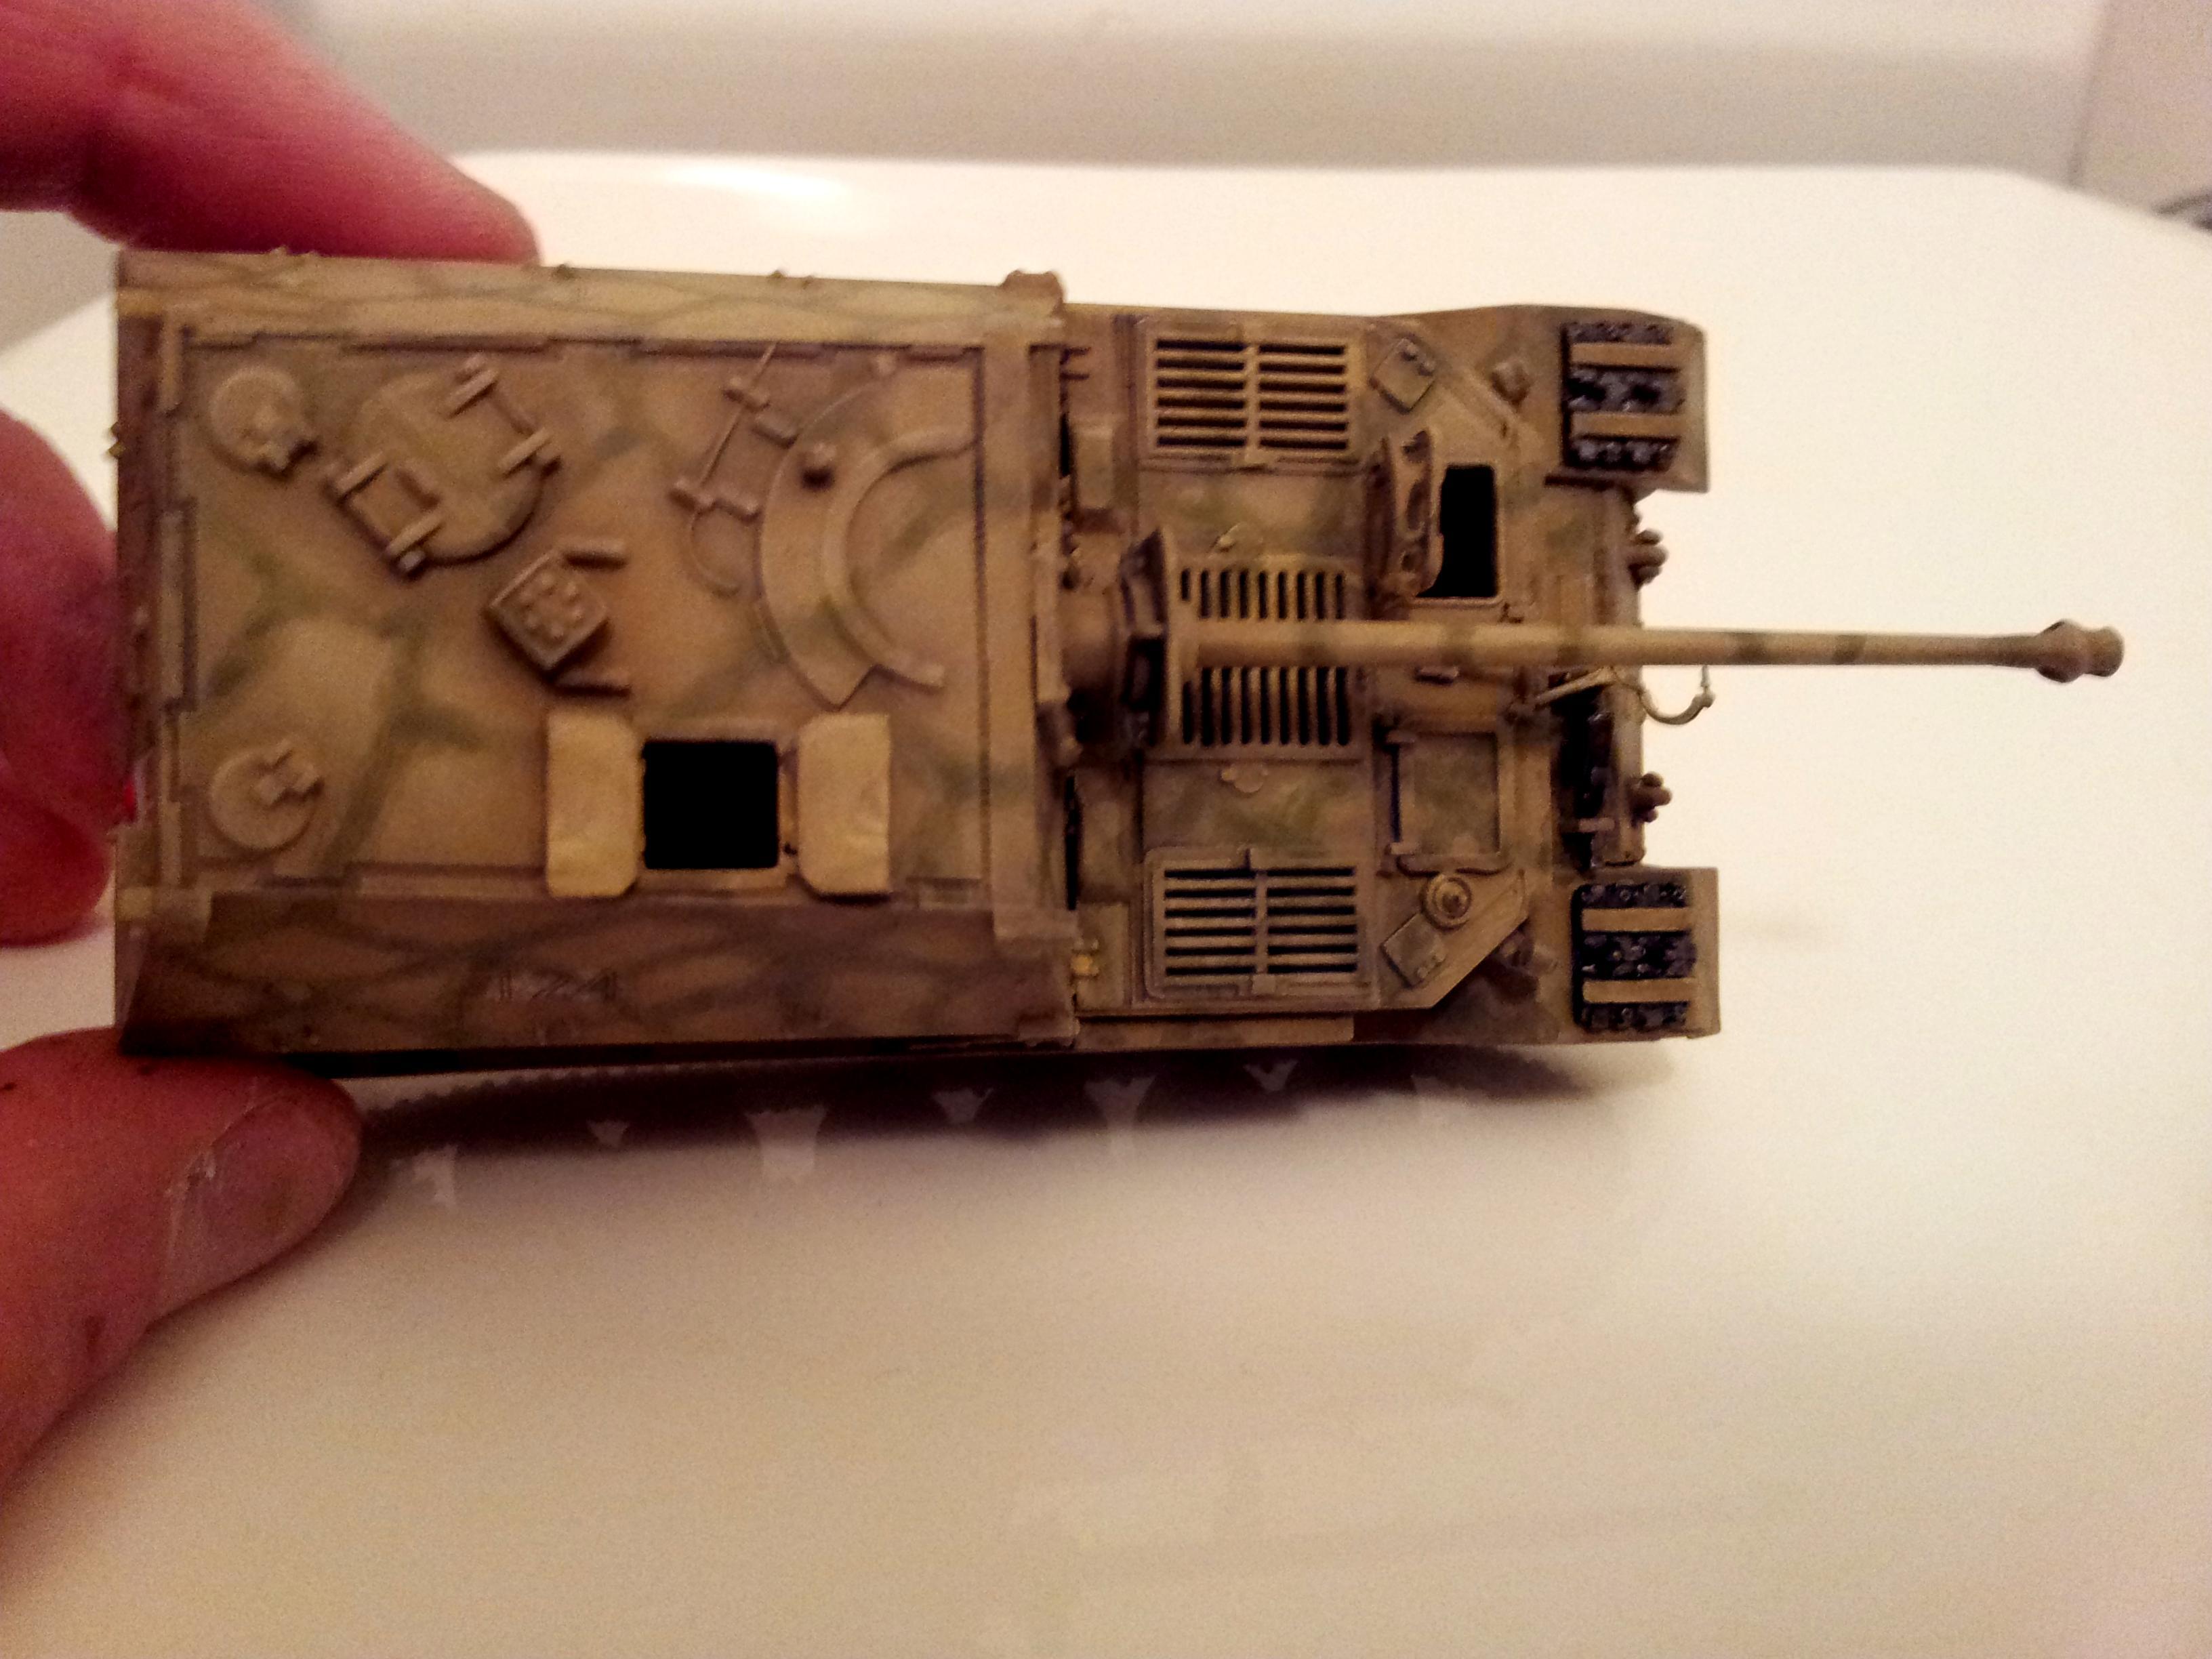 1/72, Braille, Camouflage, Elefant, Ferdinand, Germans, Panzerjager, Tank, Tank Hunter, Tiger, World War 2